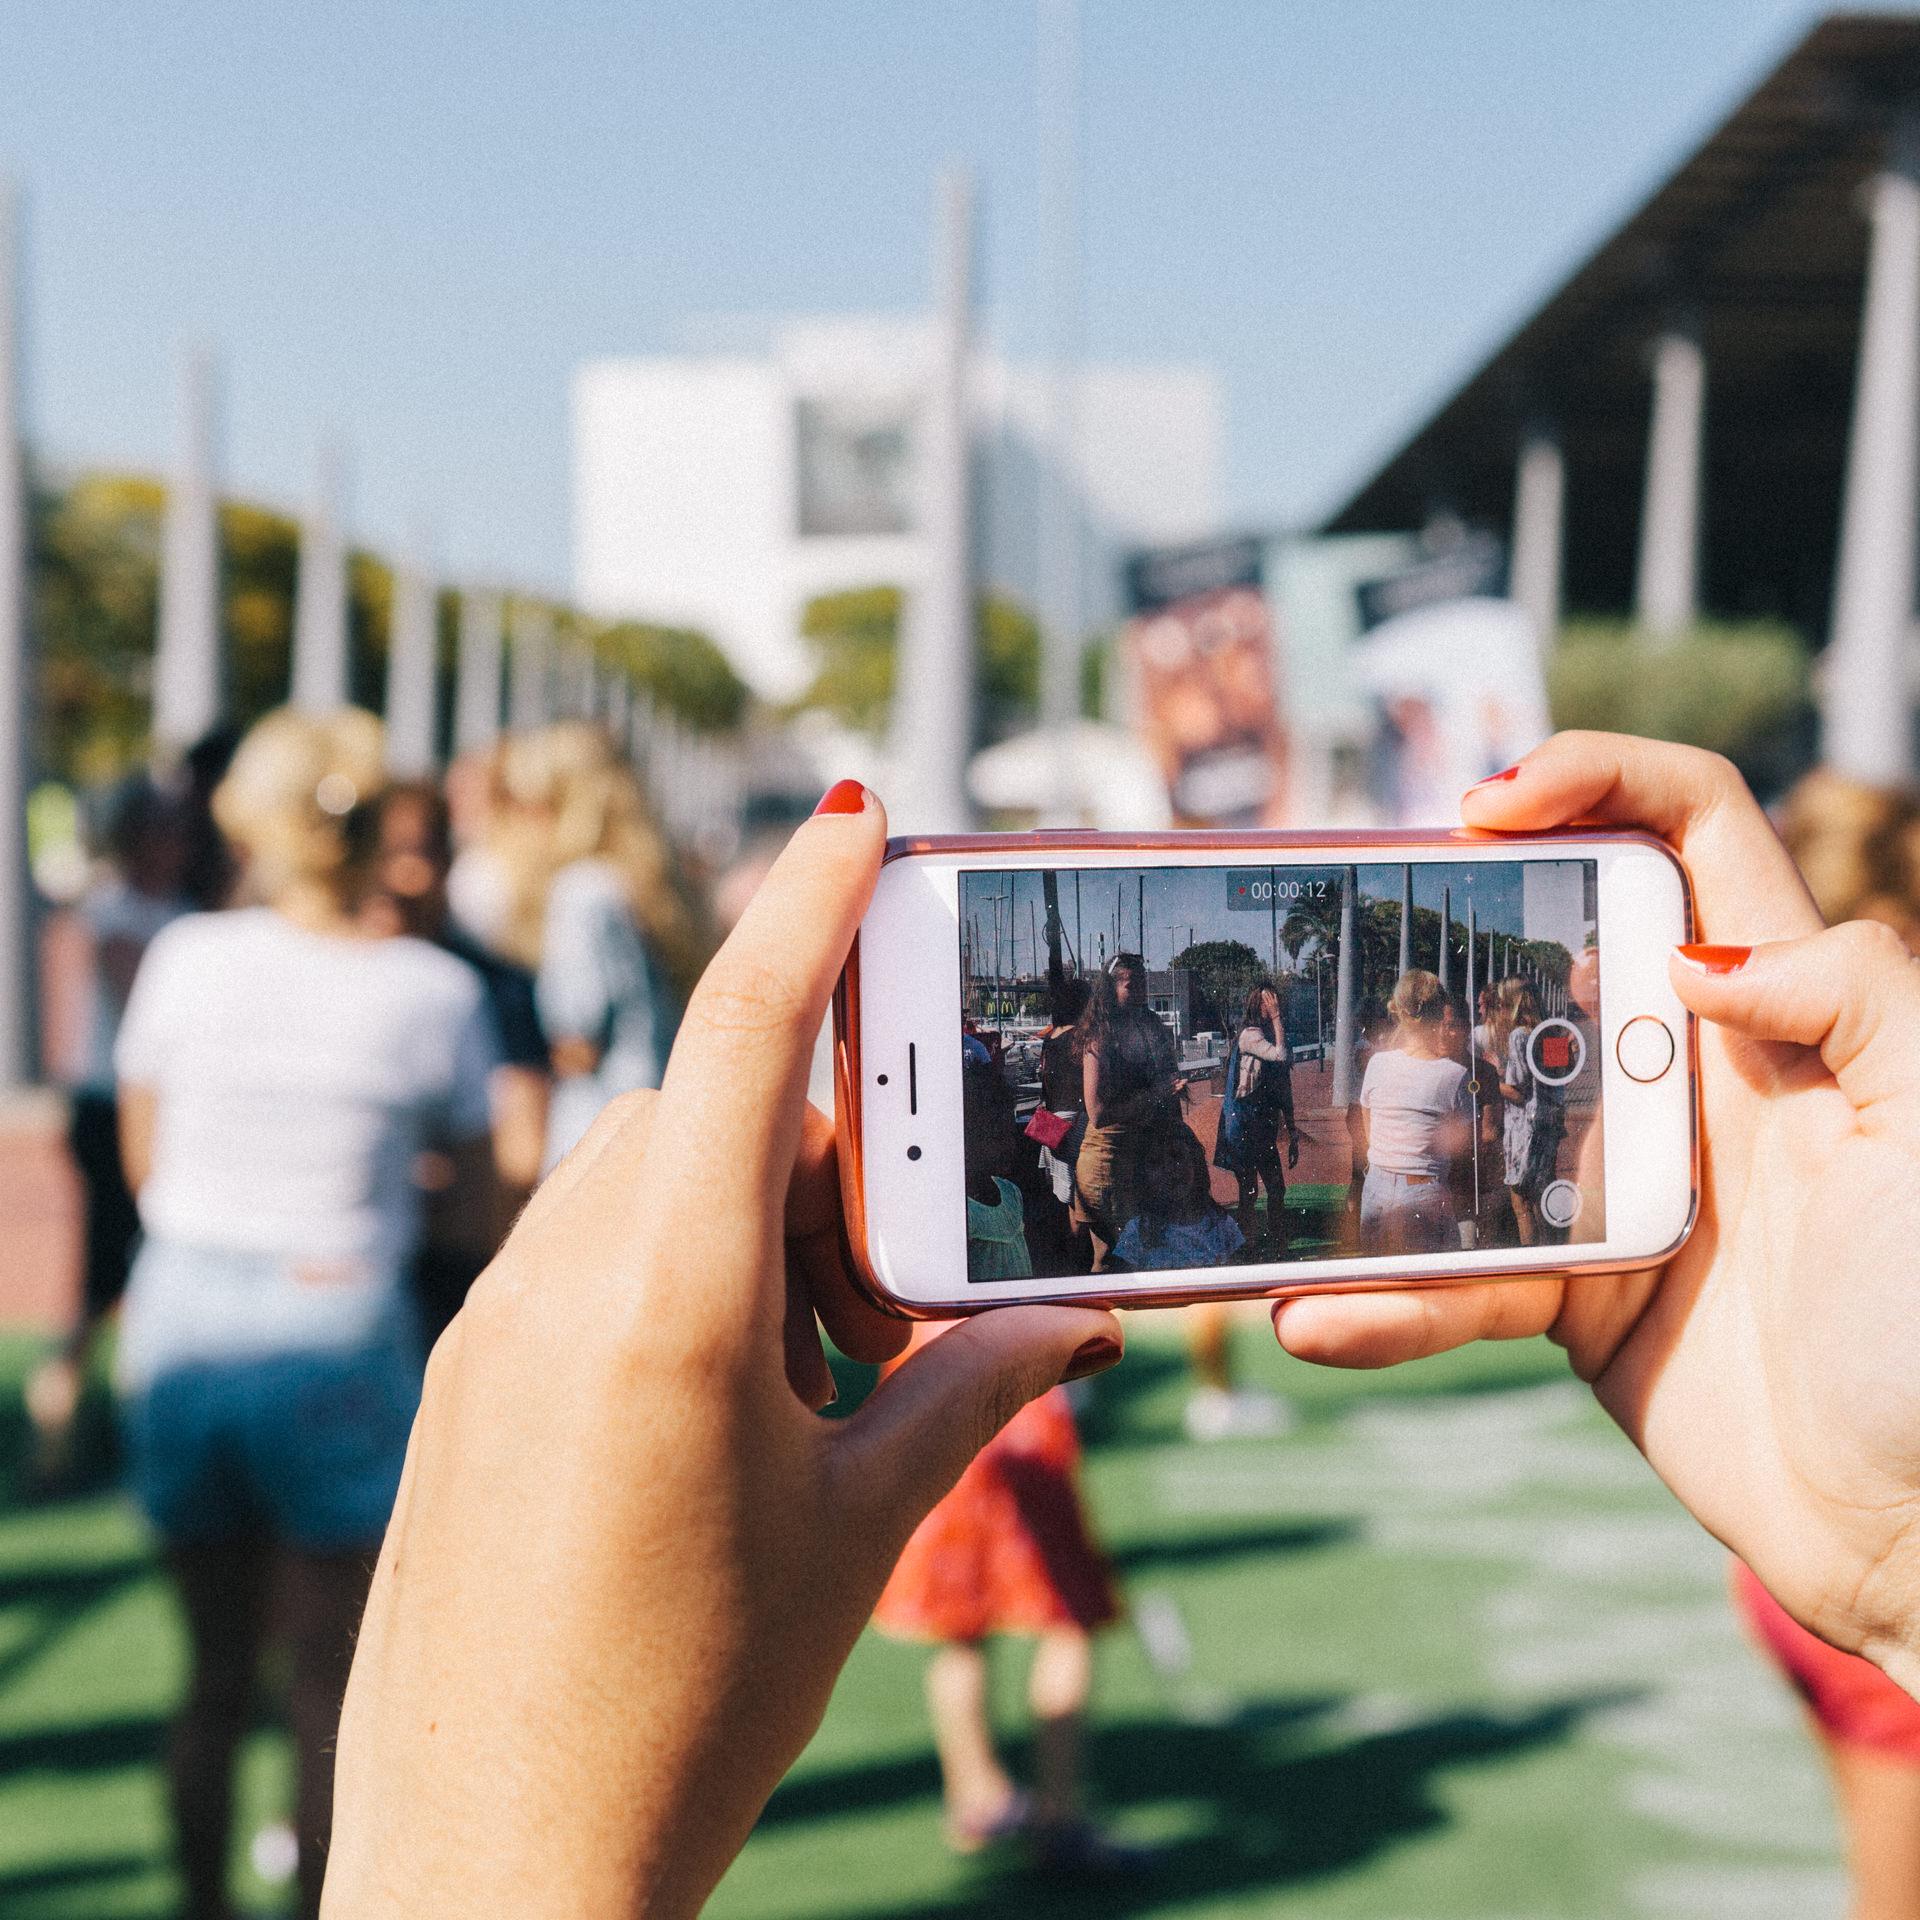 Imagen de un móvil realizando un video de los participantes de uno de los eventos del Sunglass Hut Pop Up